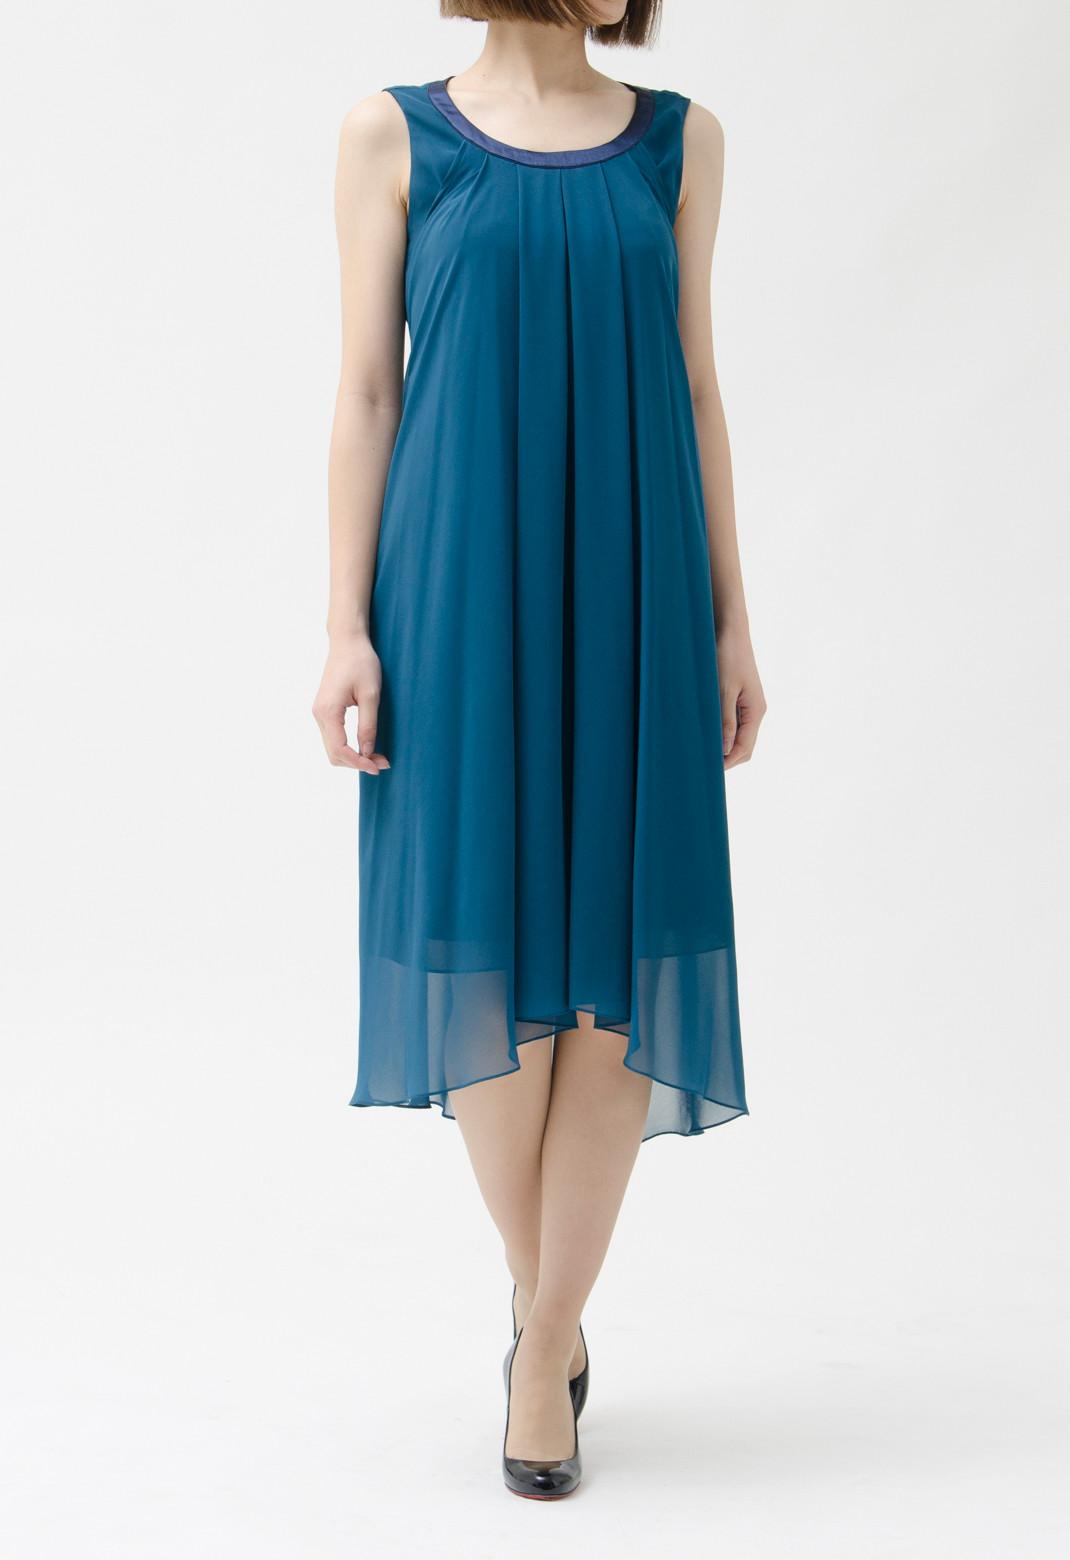 ネックサテントリム ドレープ ノースリーブ ドレス